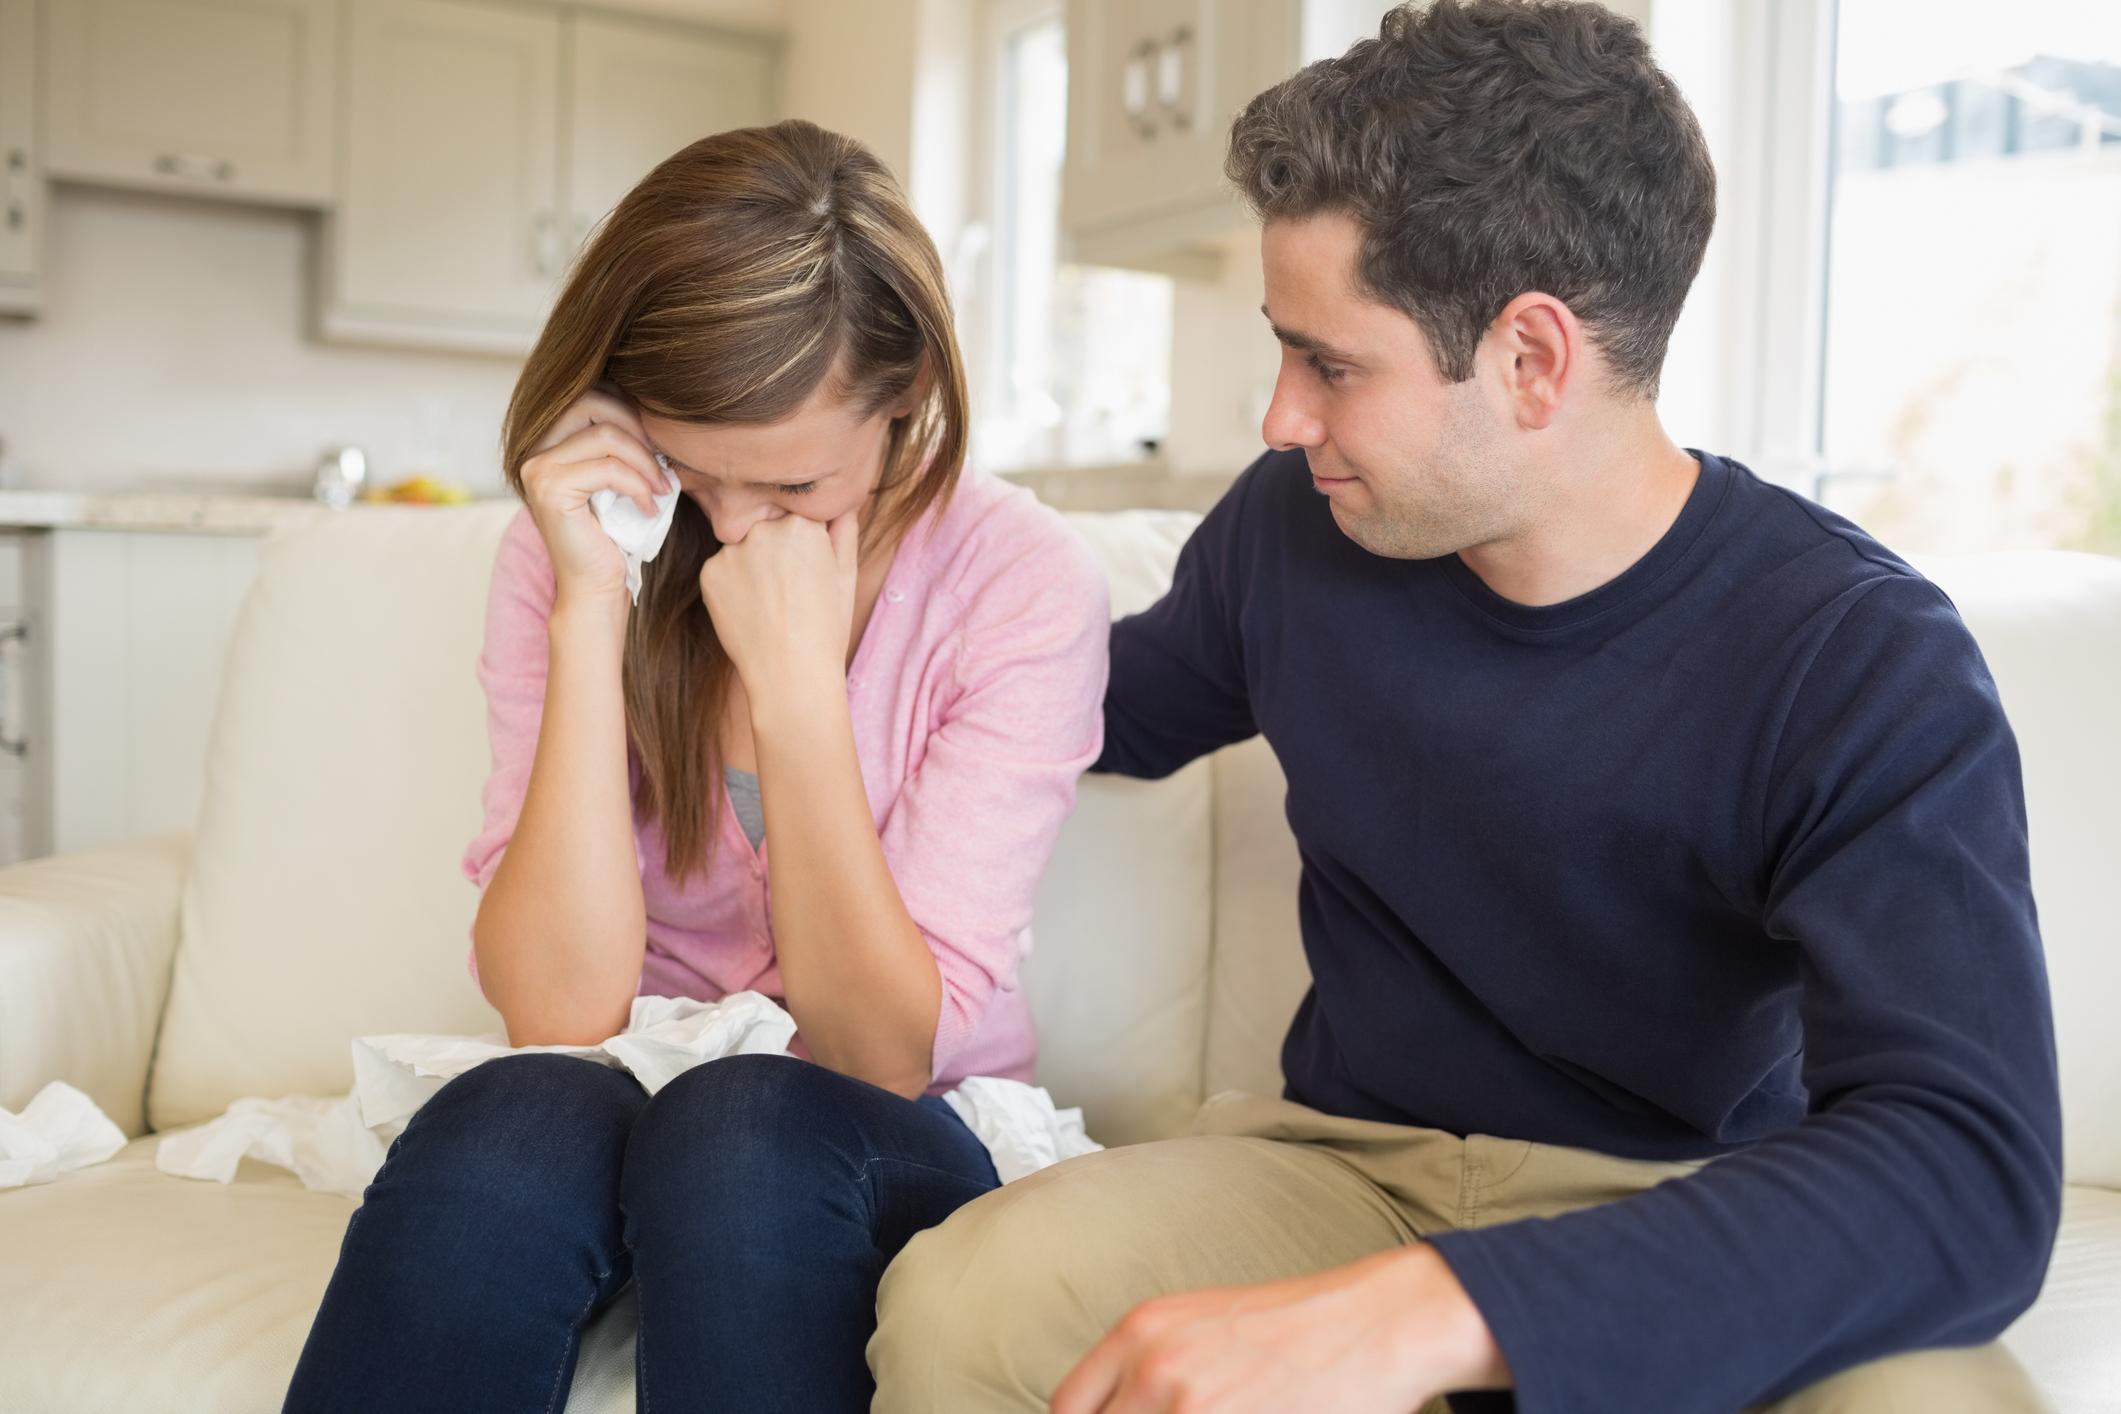 Когато плачеш без да има конкретна причина, а когато има - да не му споделяш открито защо си в това състояние.